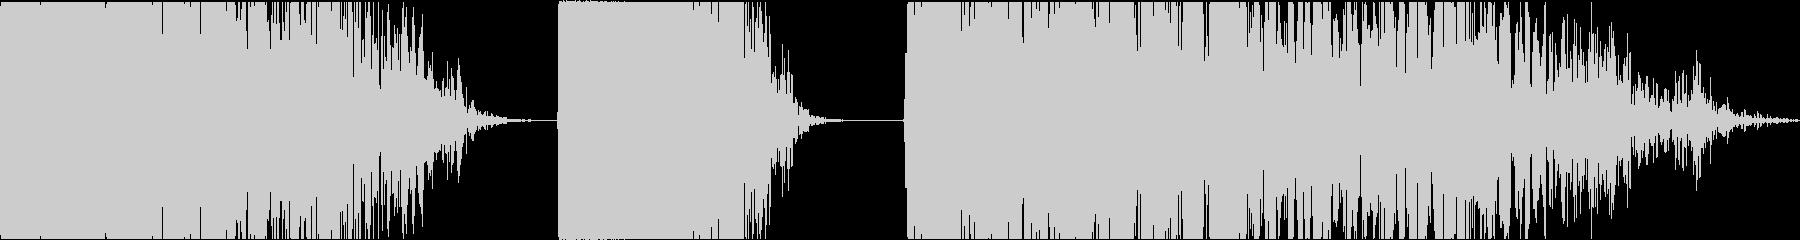 ラウド、低エンジン音、スローインテ...の未再生の波形